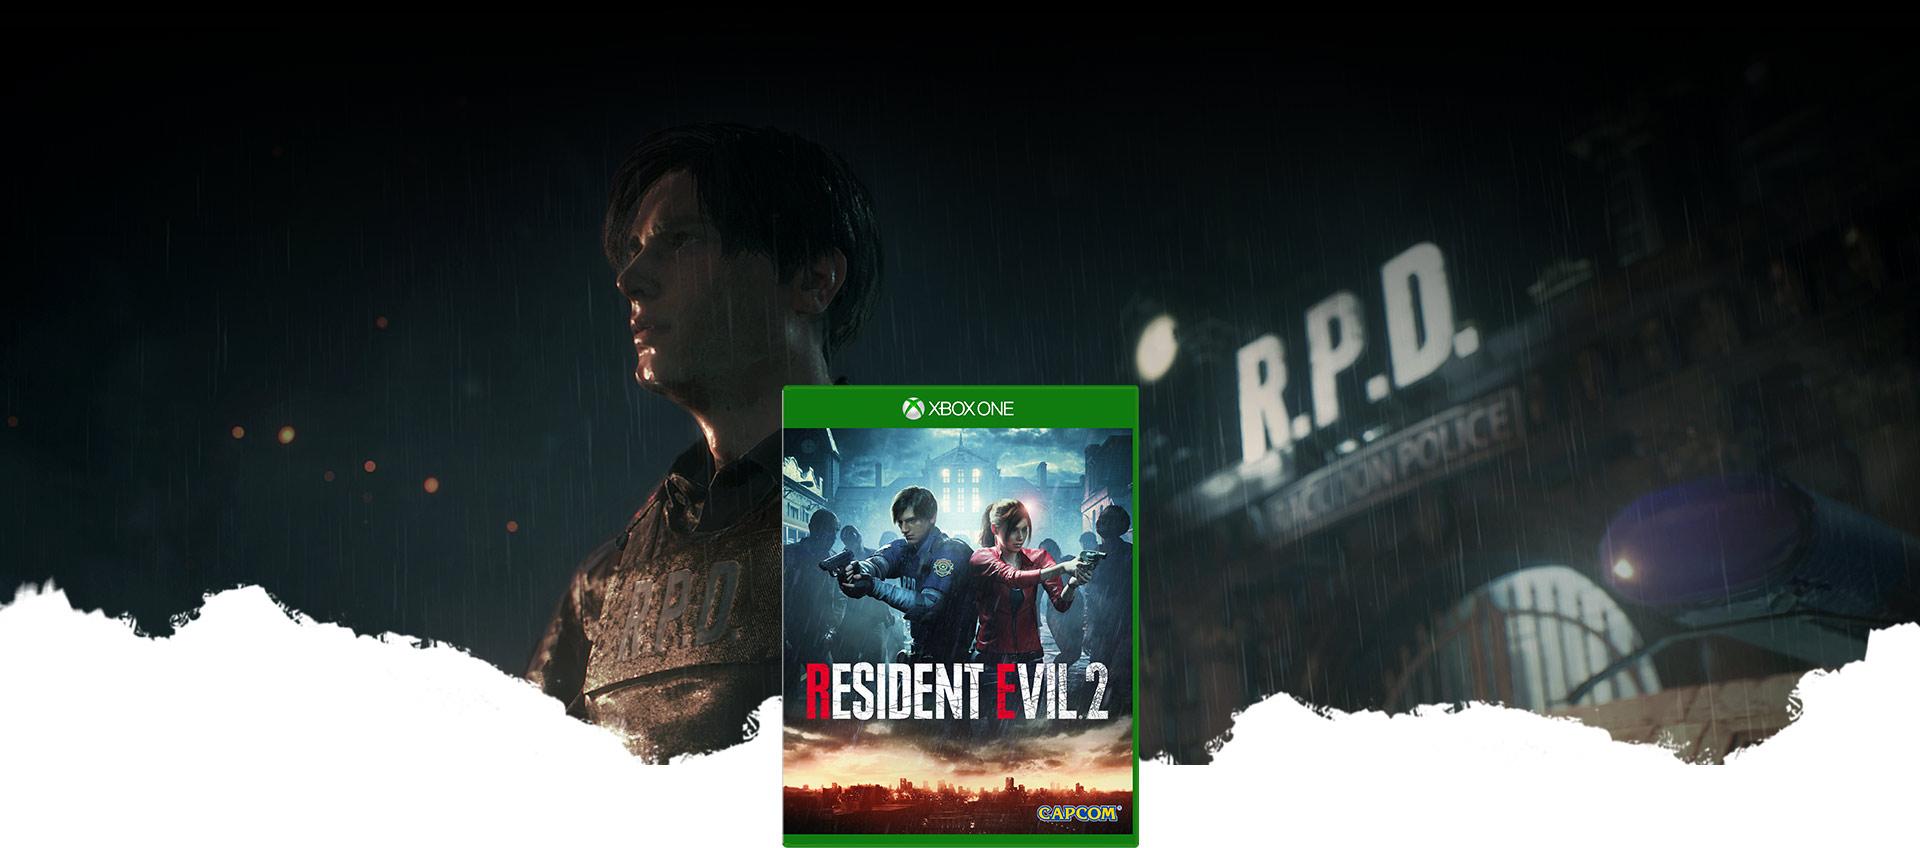 Imagen de la caja de Resident Evil 2, Leon Kennedy, parado en la lluvia, junto a la comisaría de Raccoon City